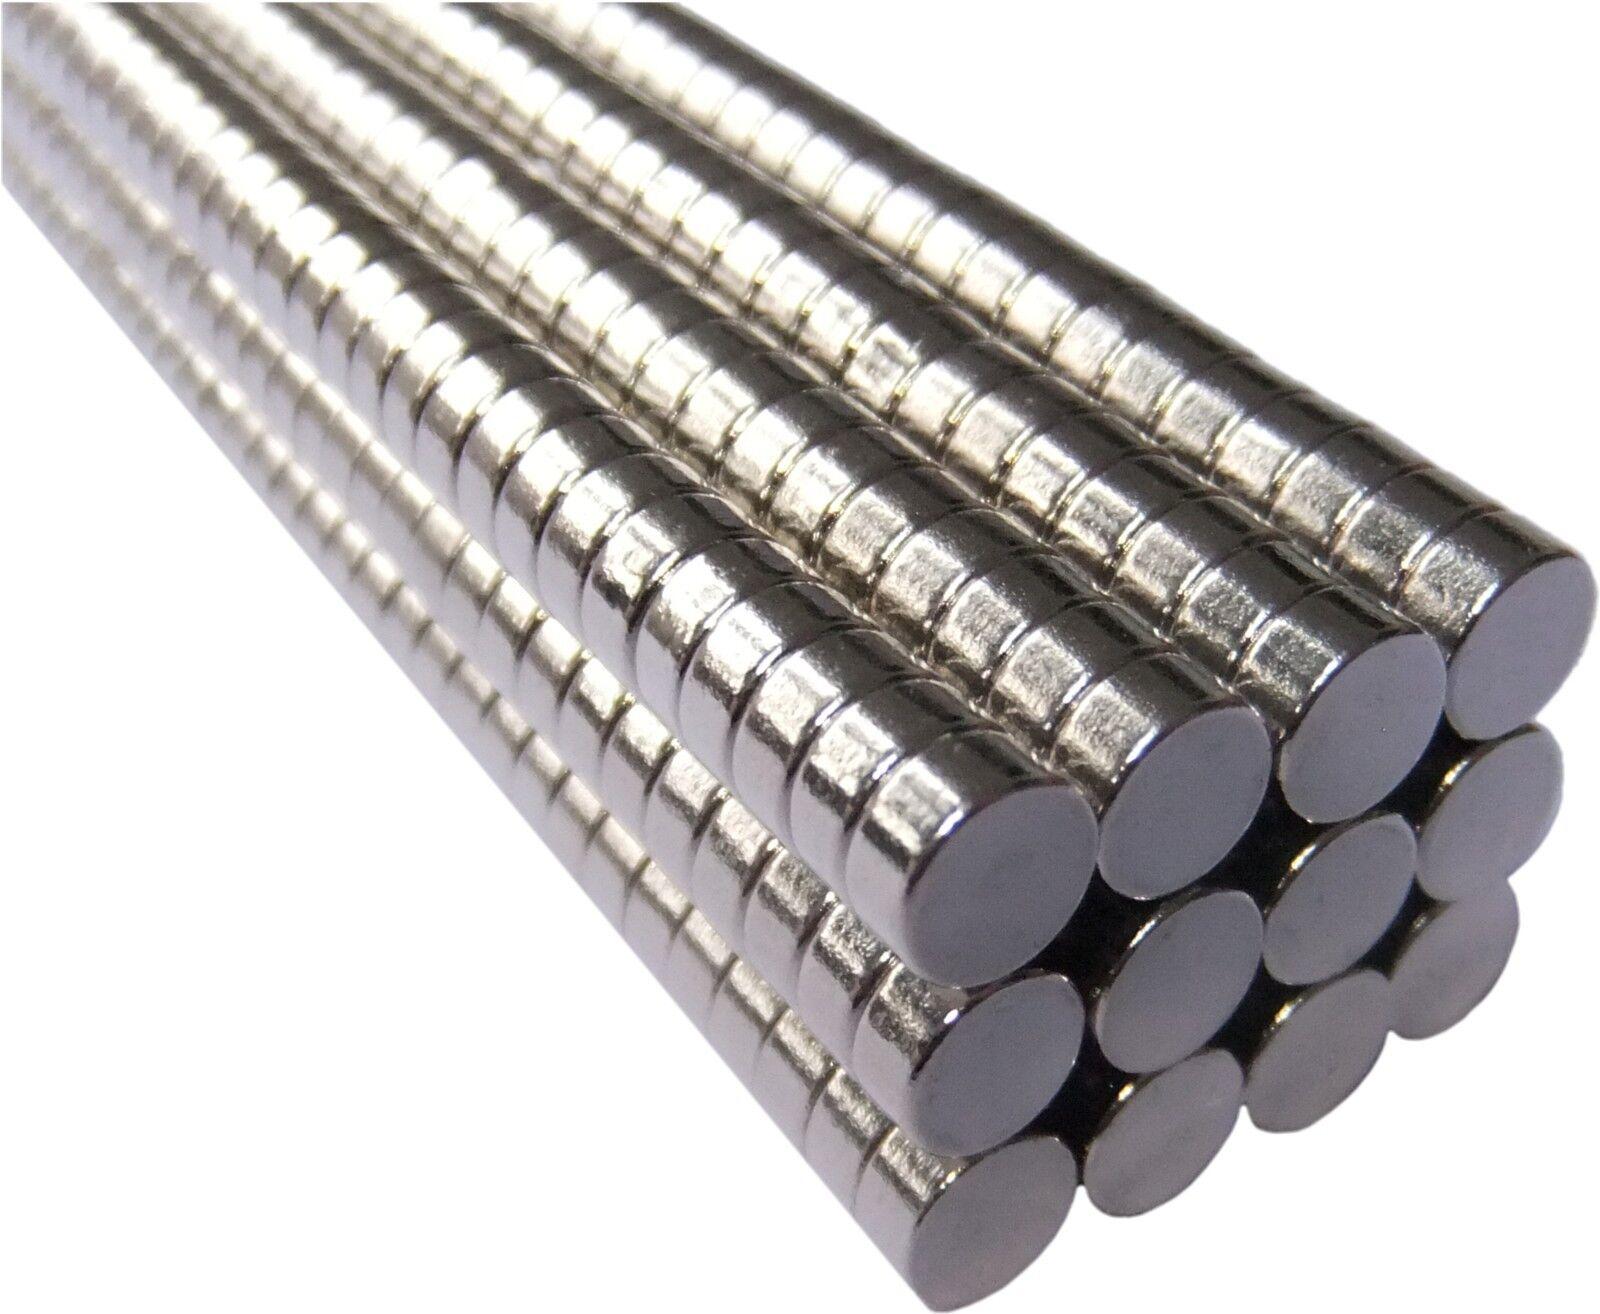 Neodym Magnete super stark Scheiben Würfel N35 N45 N50 doppelt vernickelt Scheibe - Ø 4 X 2mm